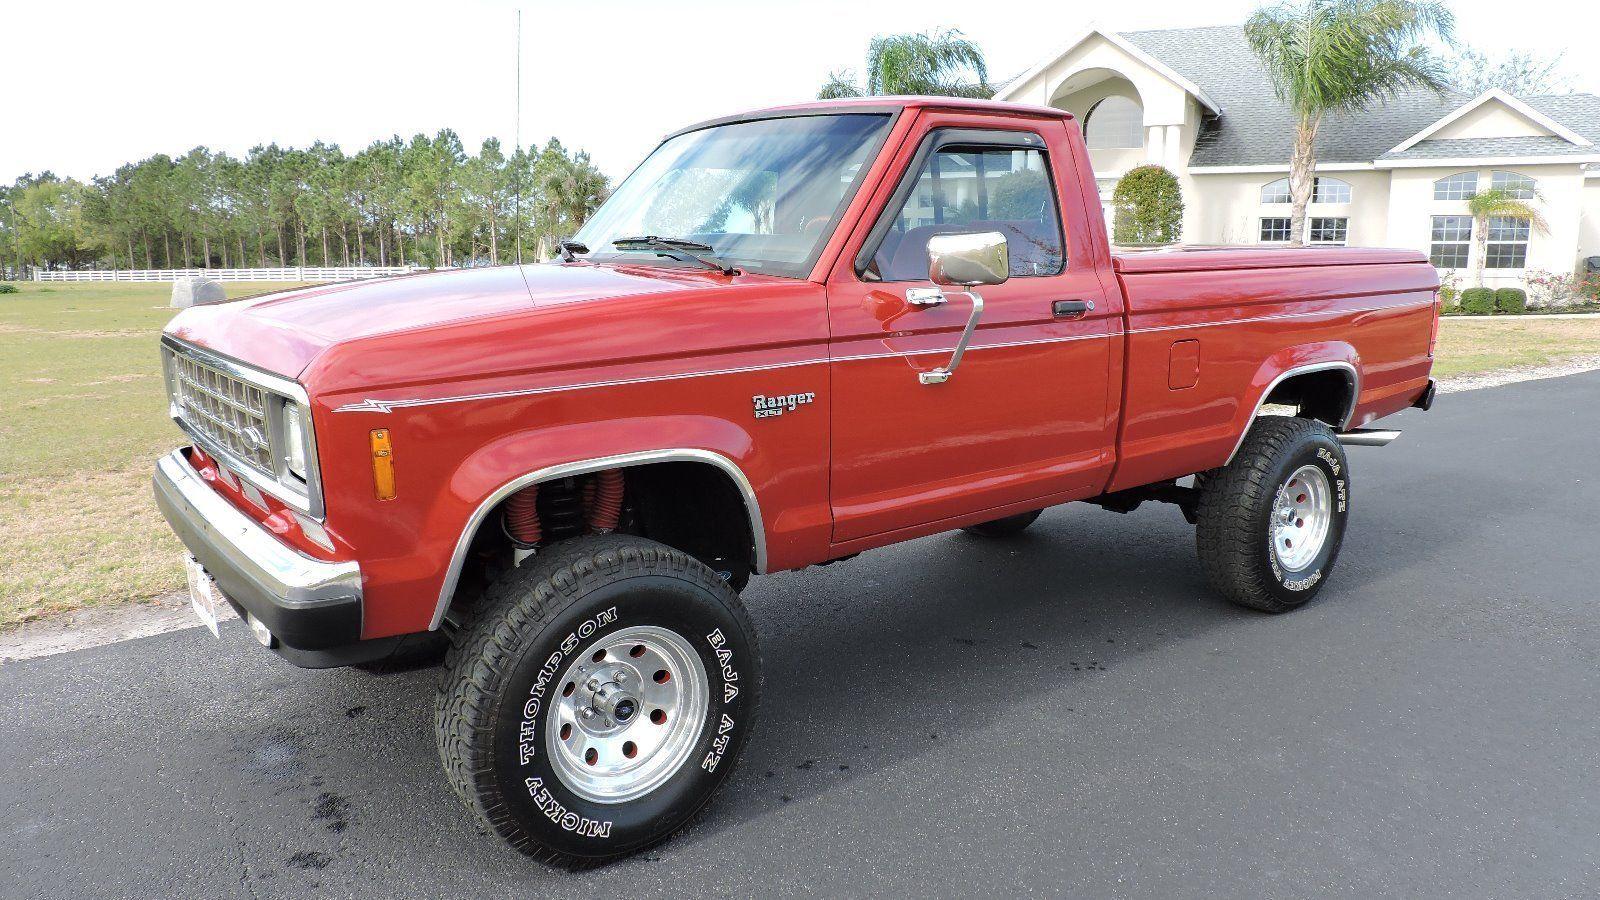 1988 Ford Ranger Xlt 4 4 Lwb V8 Show Truck For Sale Ford Ranger